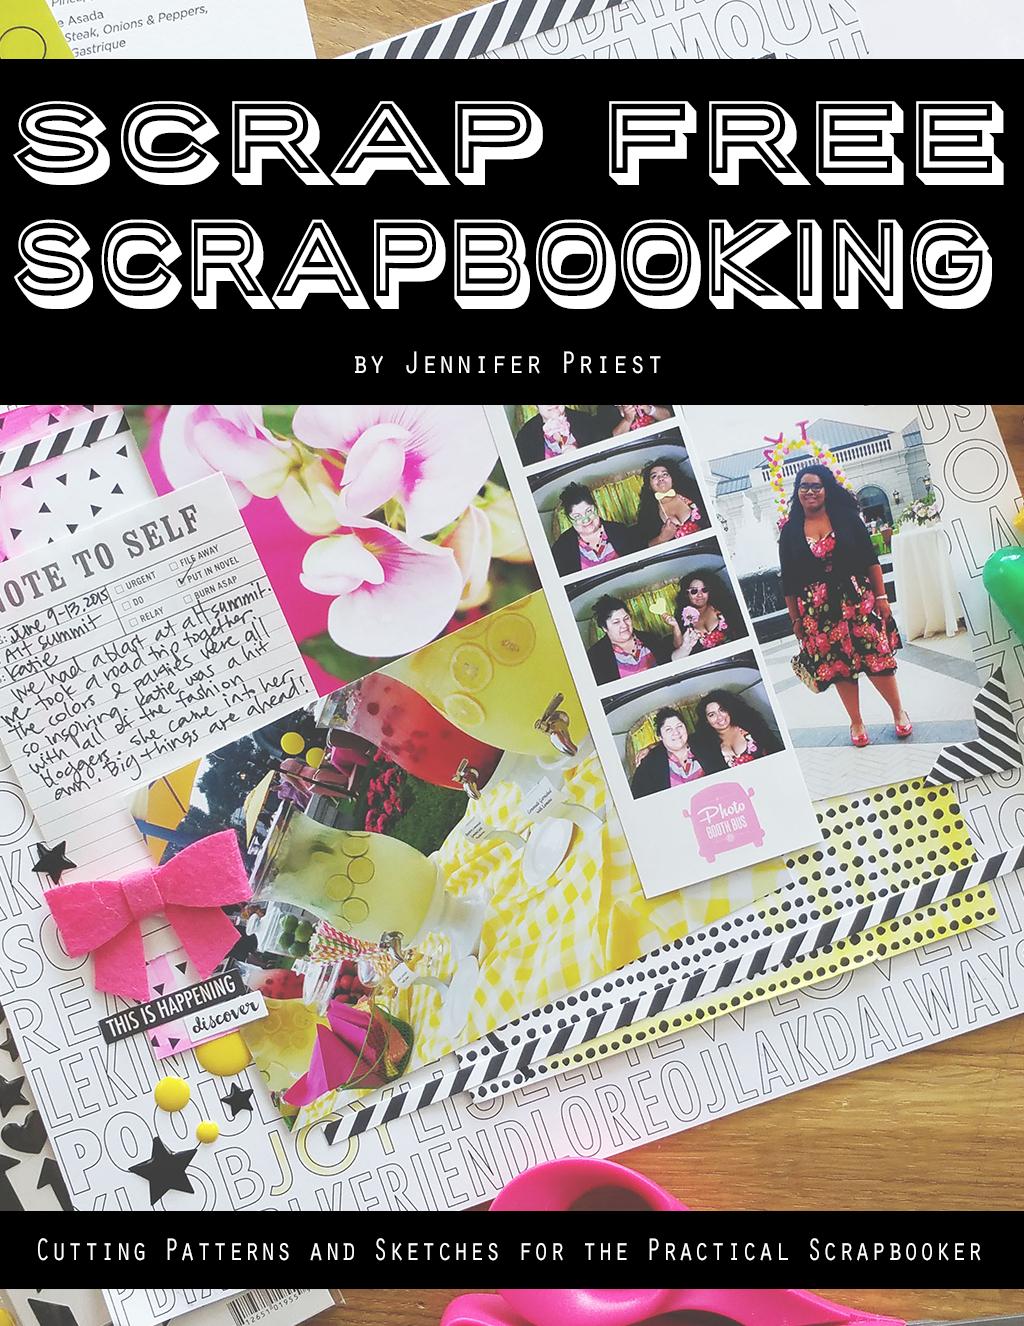 ScrapFree-Scrapbooking-Cover